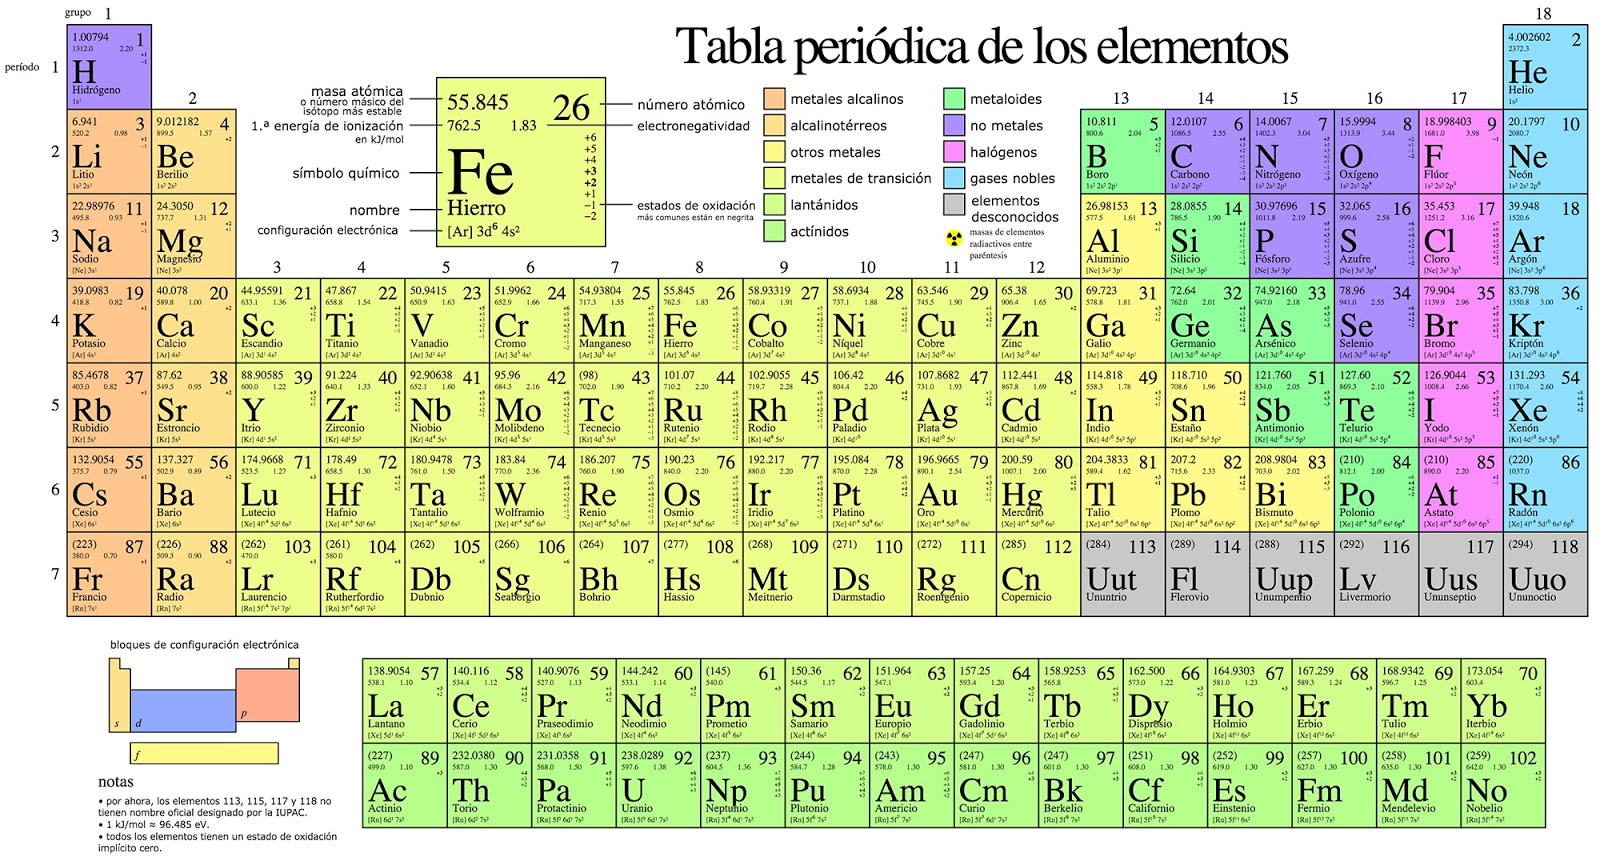 Tabla periodica de los elementos distribucion electronica new configuraci n electr nica tabla periodica de los elementos quimicos distribucion electronica tabla periodica de los elementos distribucion electronica urtaz Images